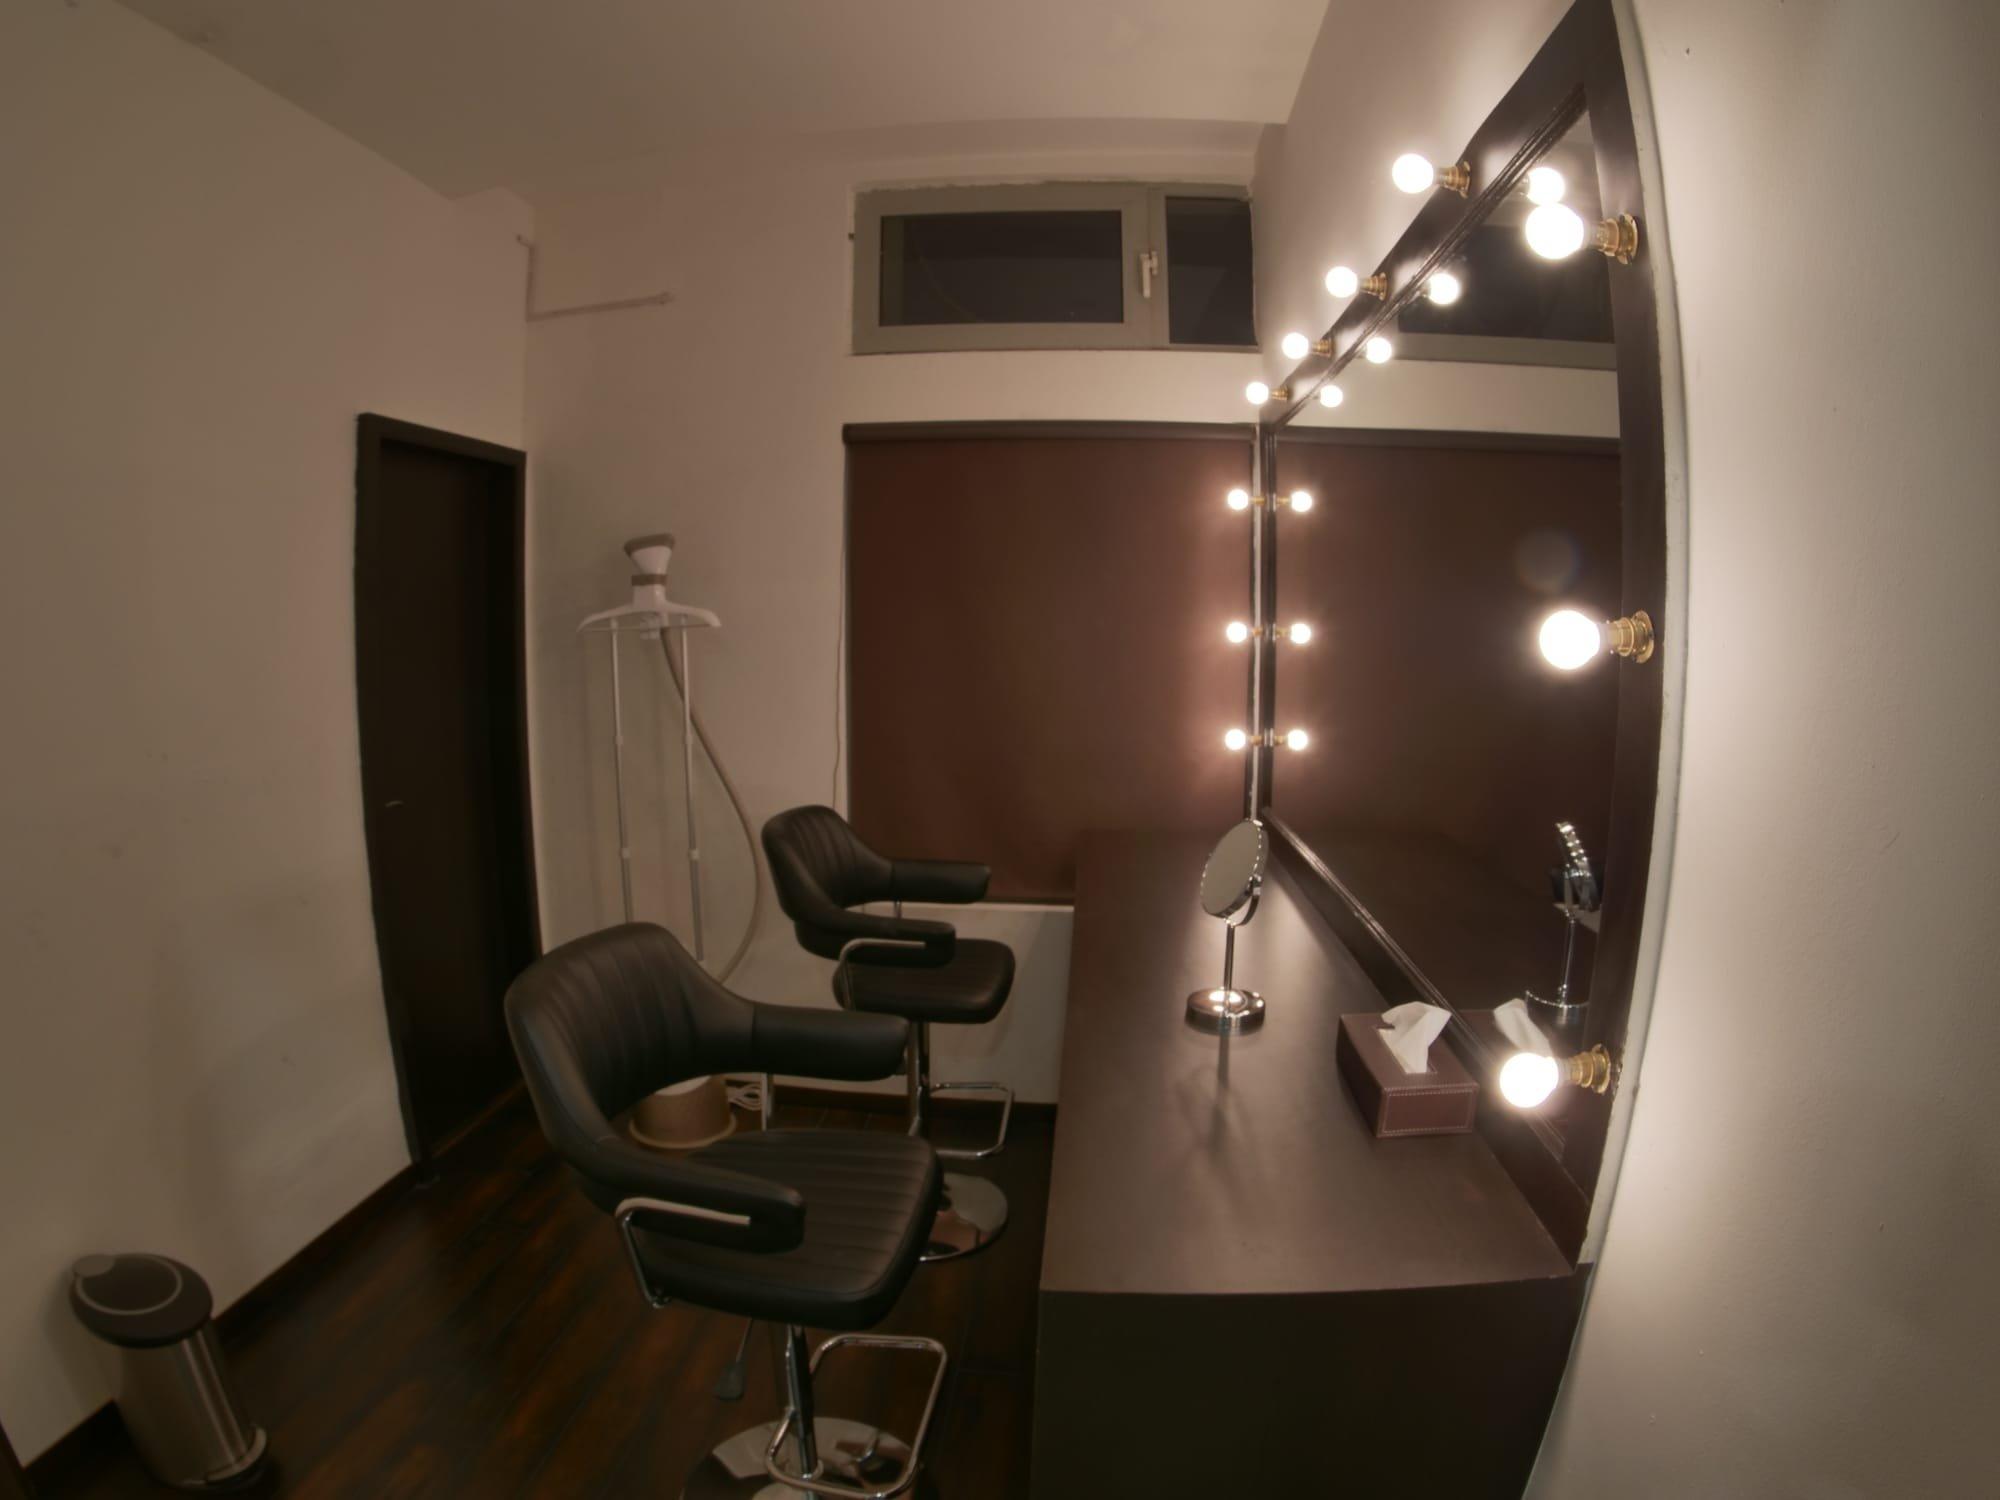 Cellar Door Studio One: Makeup Room with Steam Iron - Cellar Door